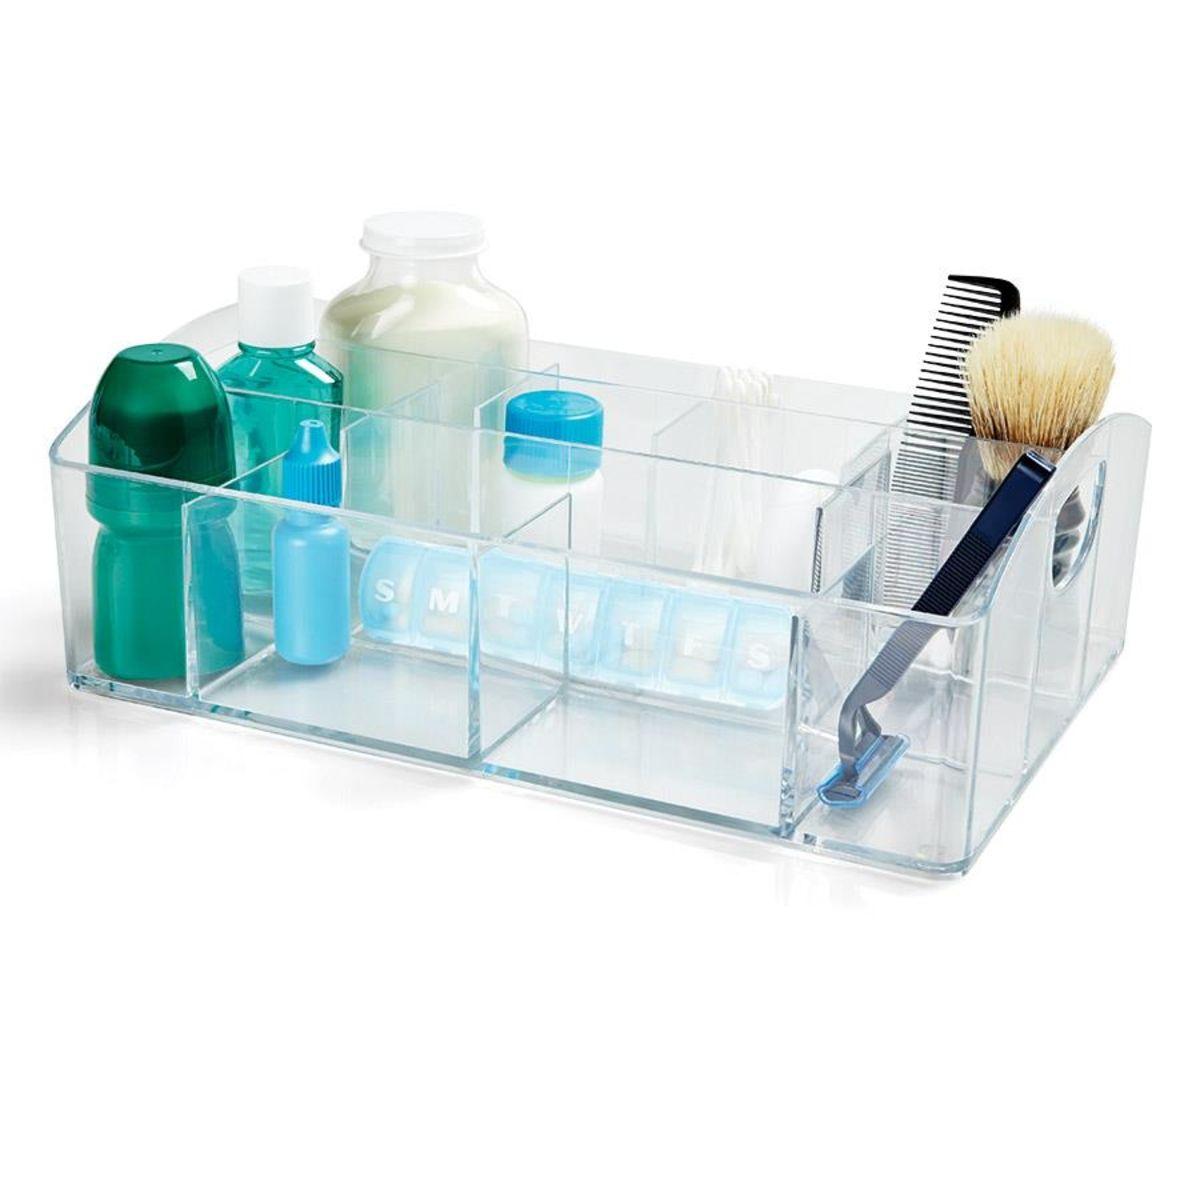 Multi Section Organiser Homemaker Bathroom Campus Living